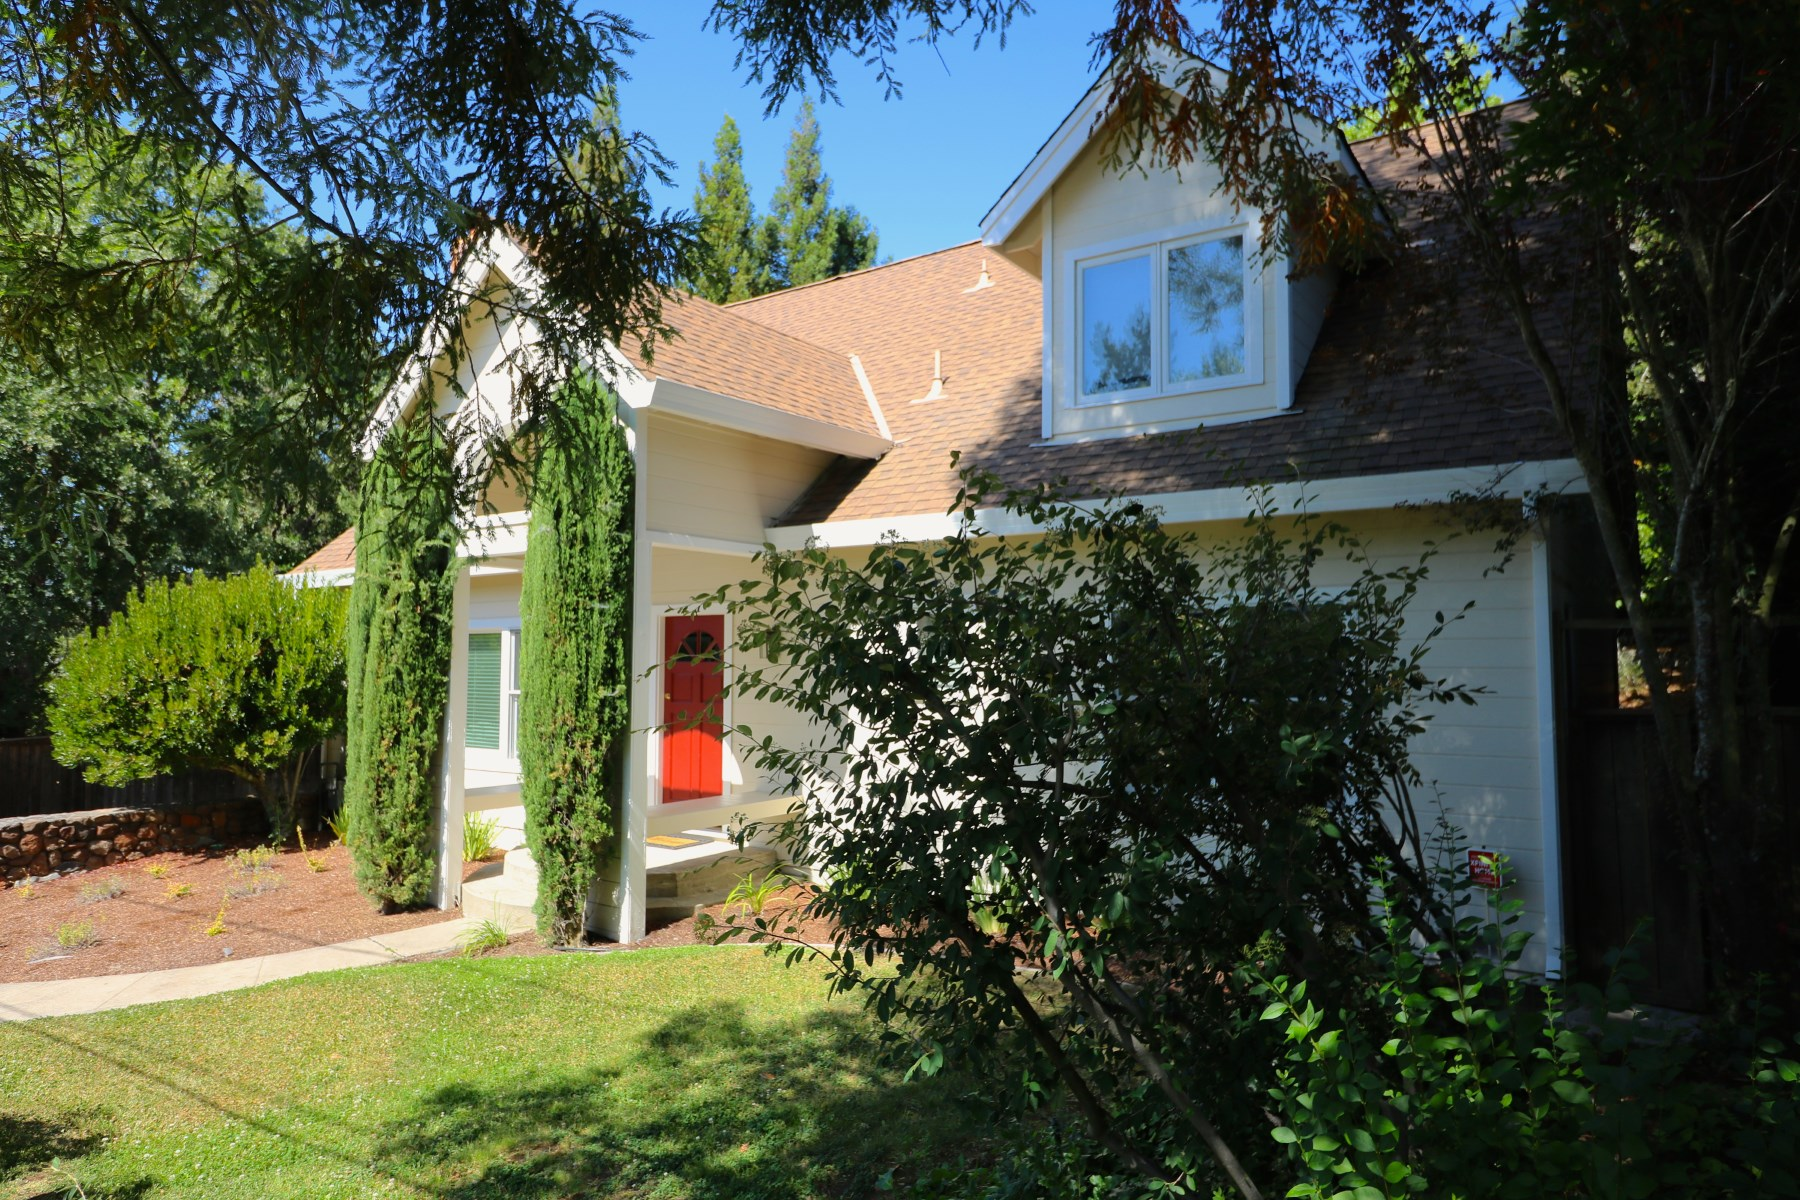 Tek Ailelik Ev için Satış at In-Town Glen Ellen 13605 Garric Ave Glen Ellen, Kaliforniya, 95442 Amerika Birleşik Devletleri